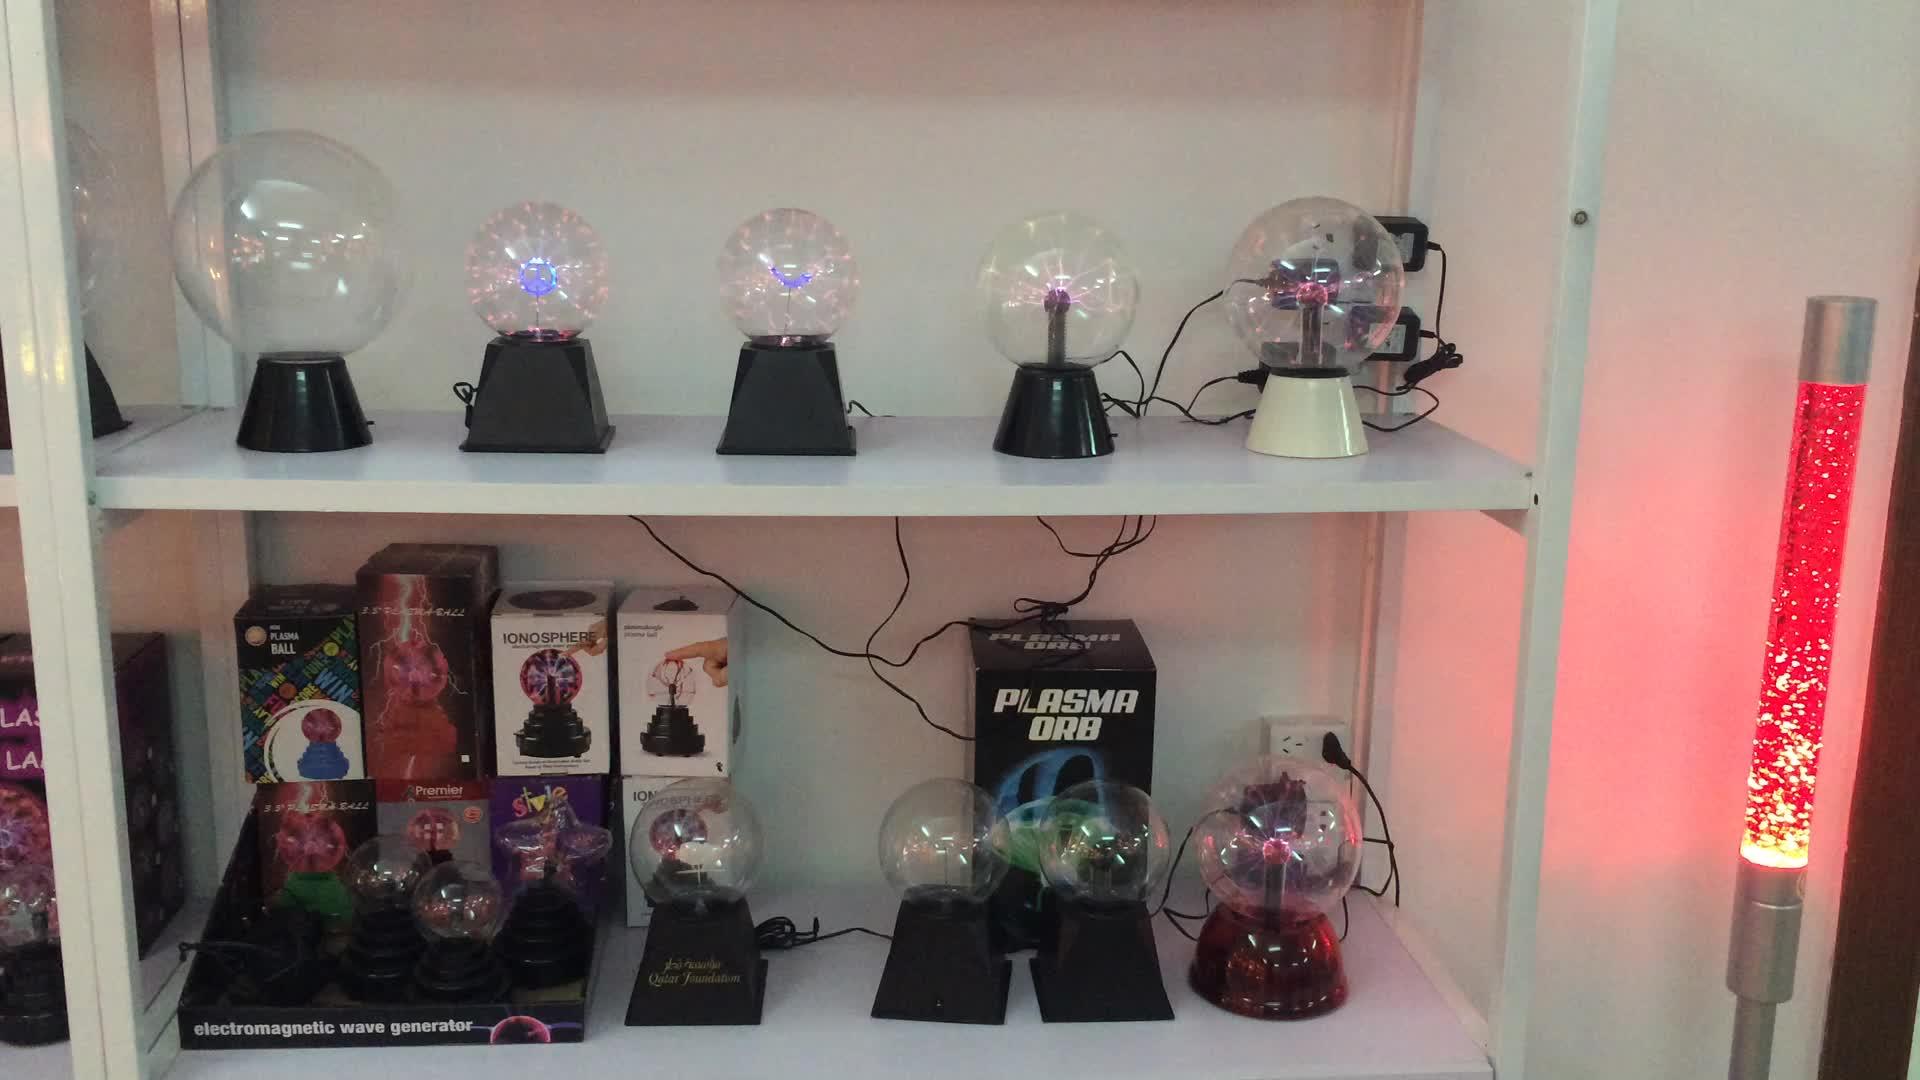 Plasma Bal Lamp Grote Elektrische Globe Statische Licht w Touch, Geluid Gevoelige Bliksem, Grote 8 Inch Glazen Bol